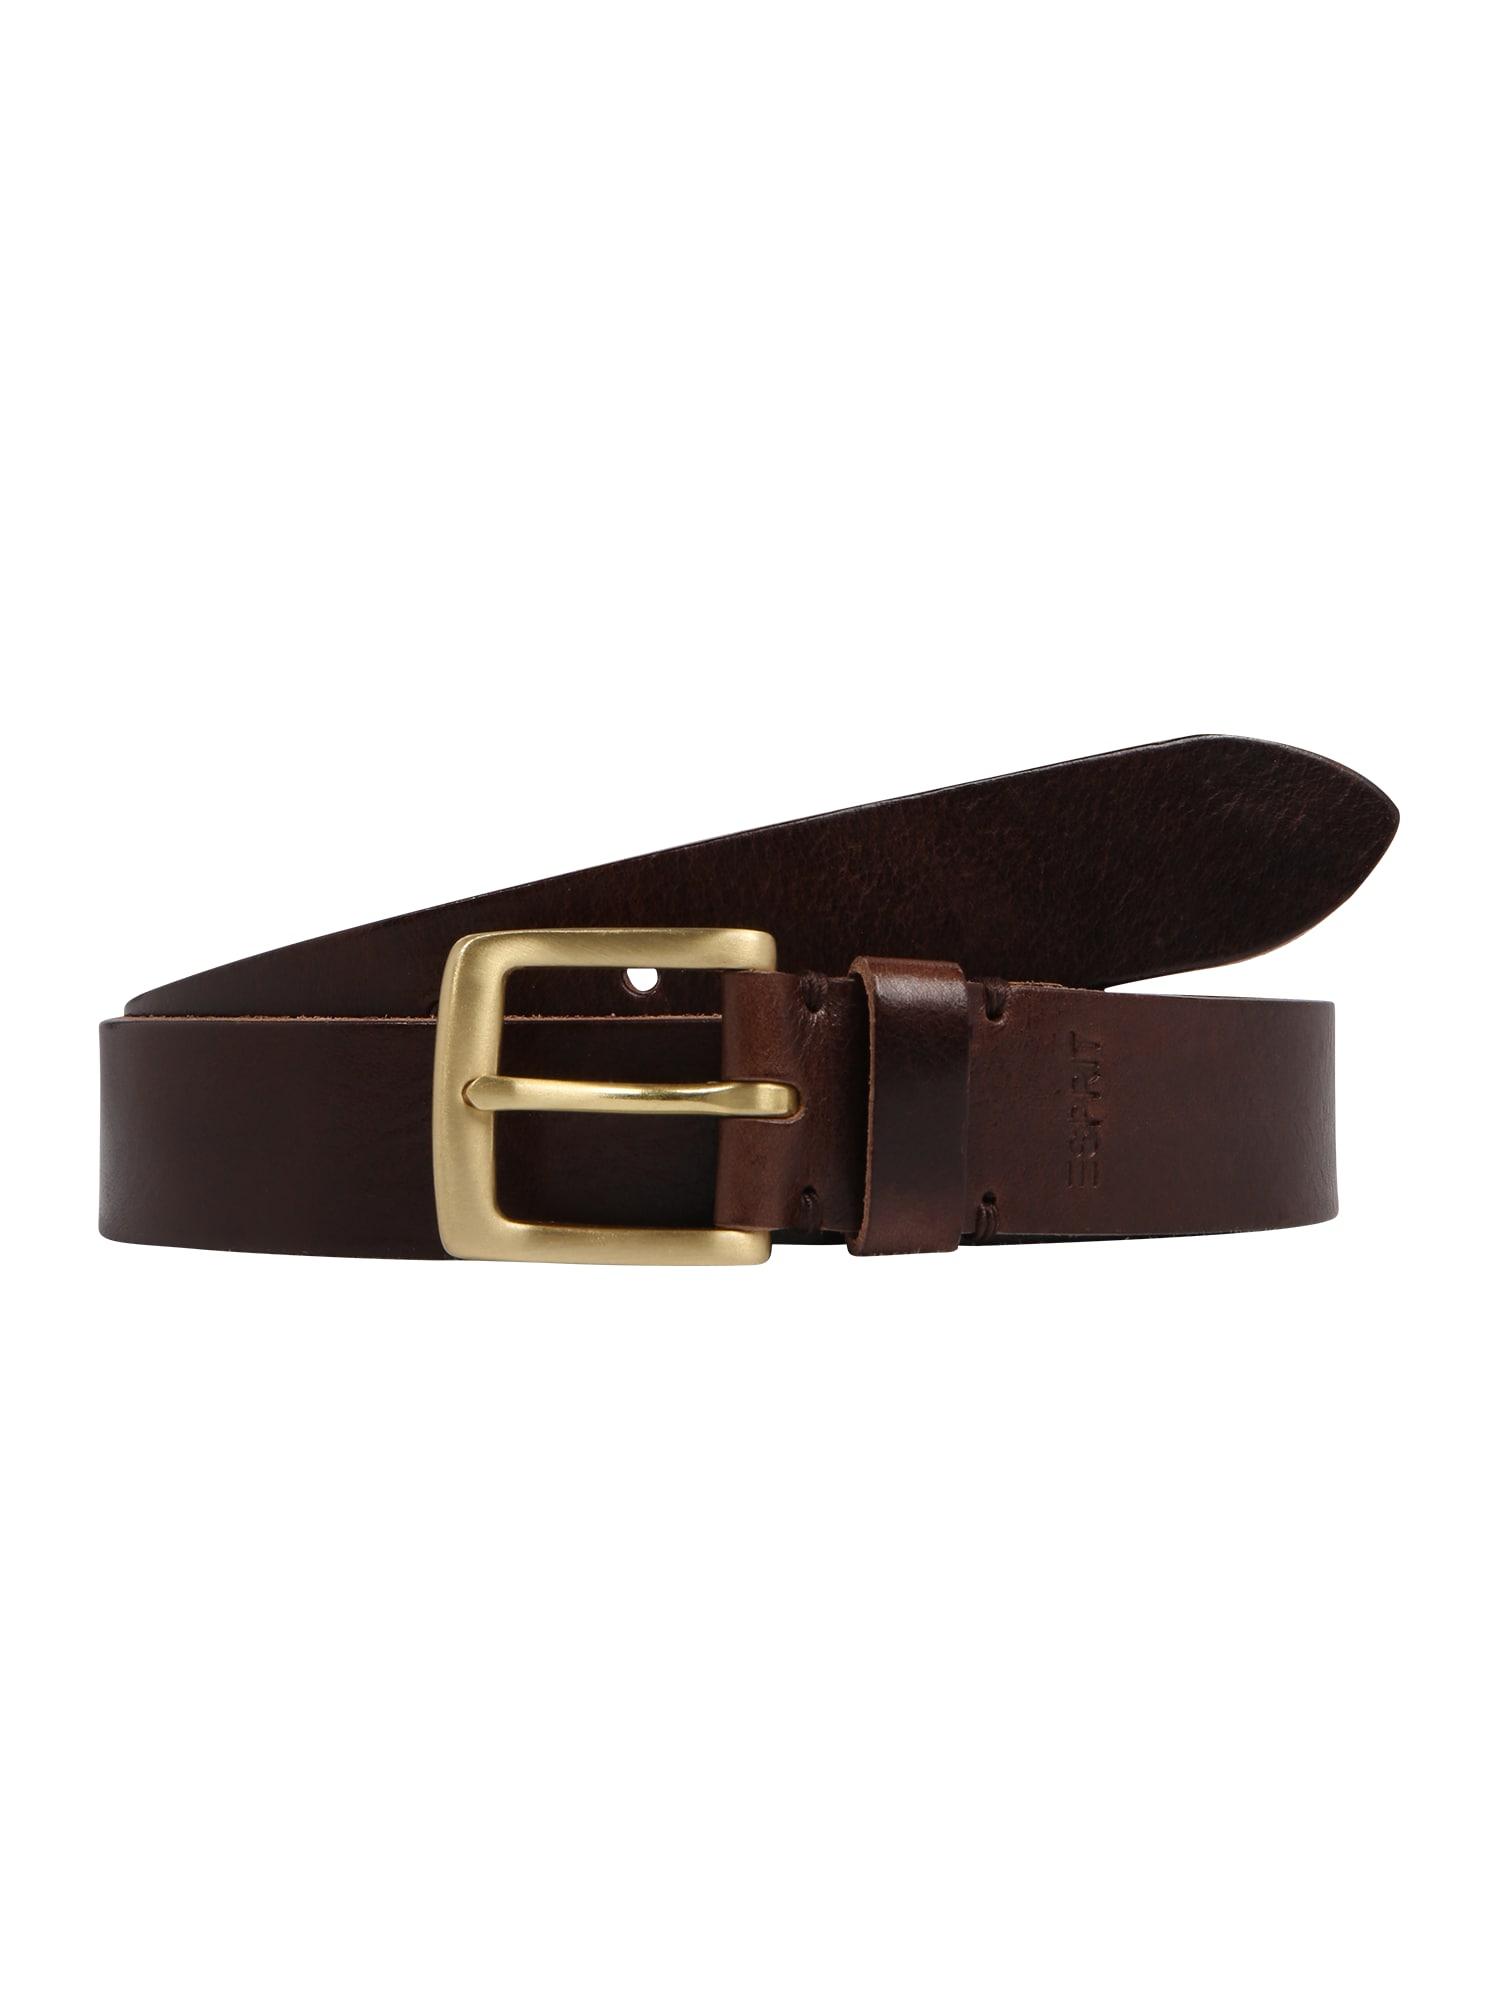 ESPRIT, Dames Riem 'Veg denim belt', bruin